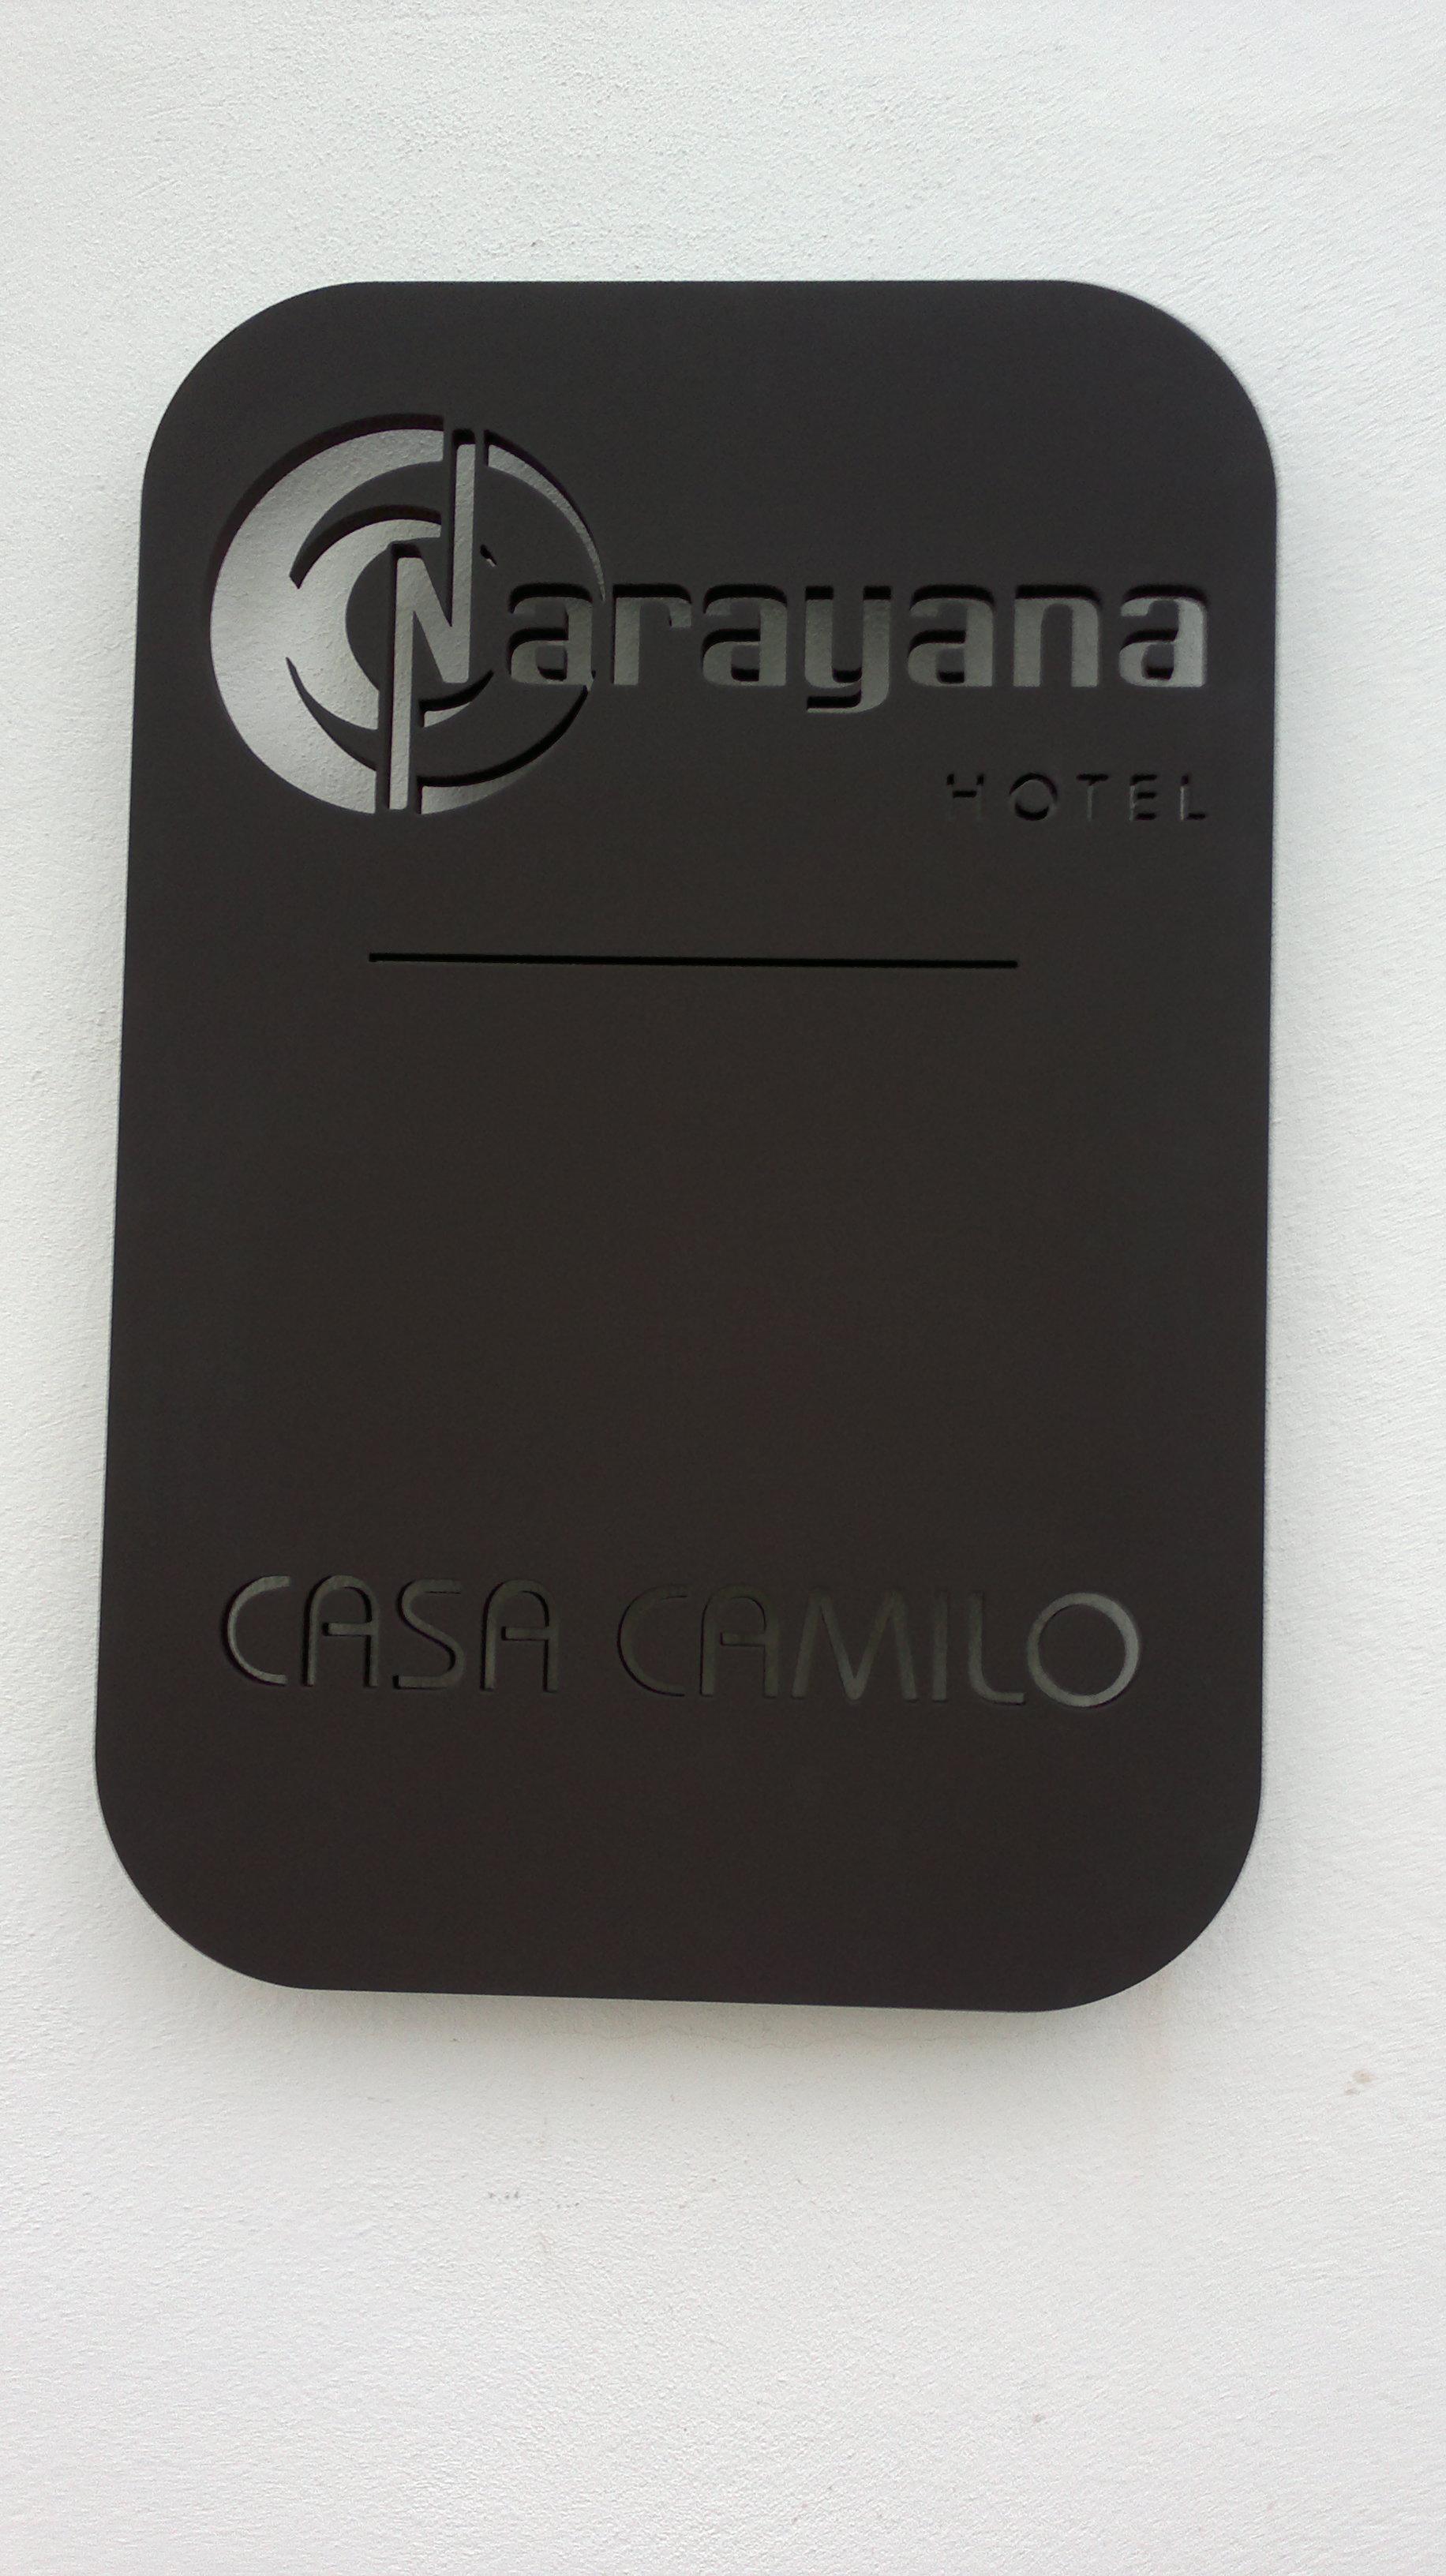 Narayana 002